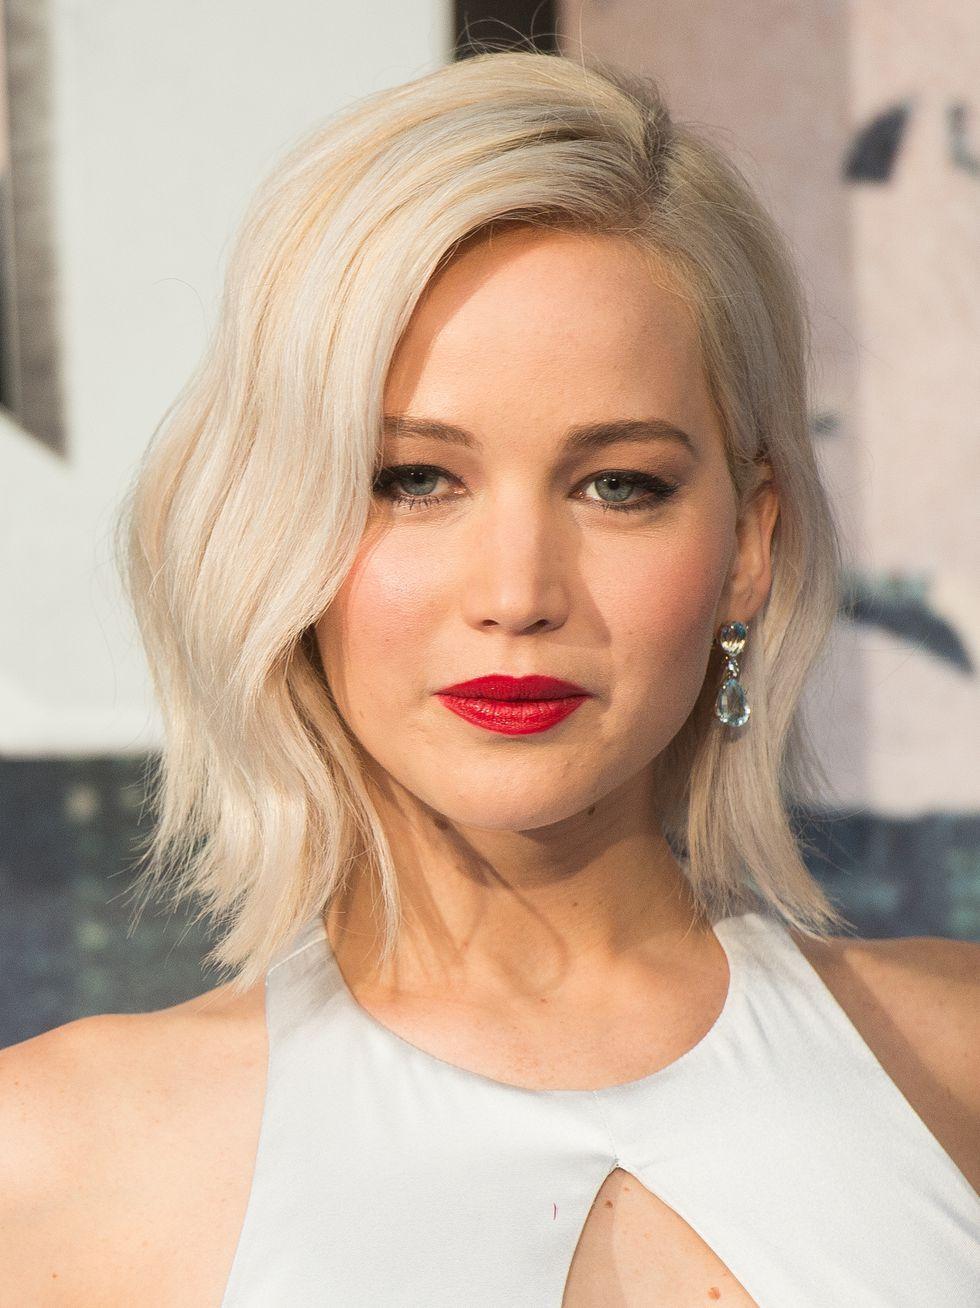 Mỹ nhân Hollywood gợi ý 10 kiểu tóc xoăn đẹp cho từng dáng mặt - Ảnh 1